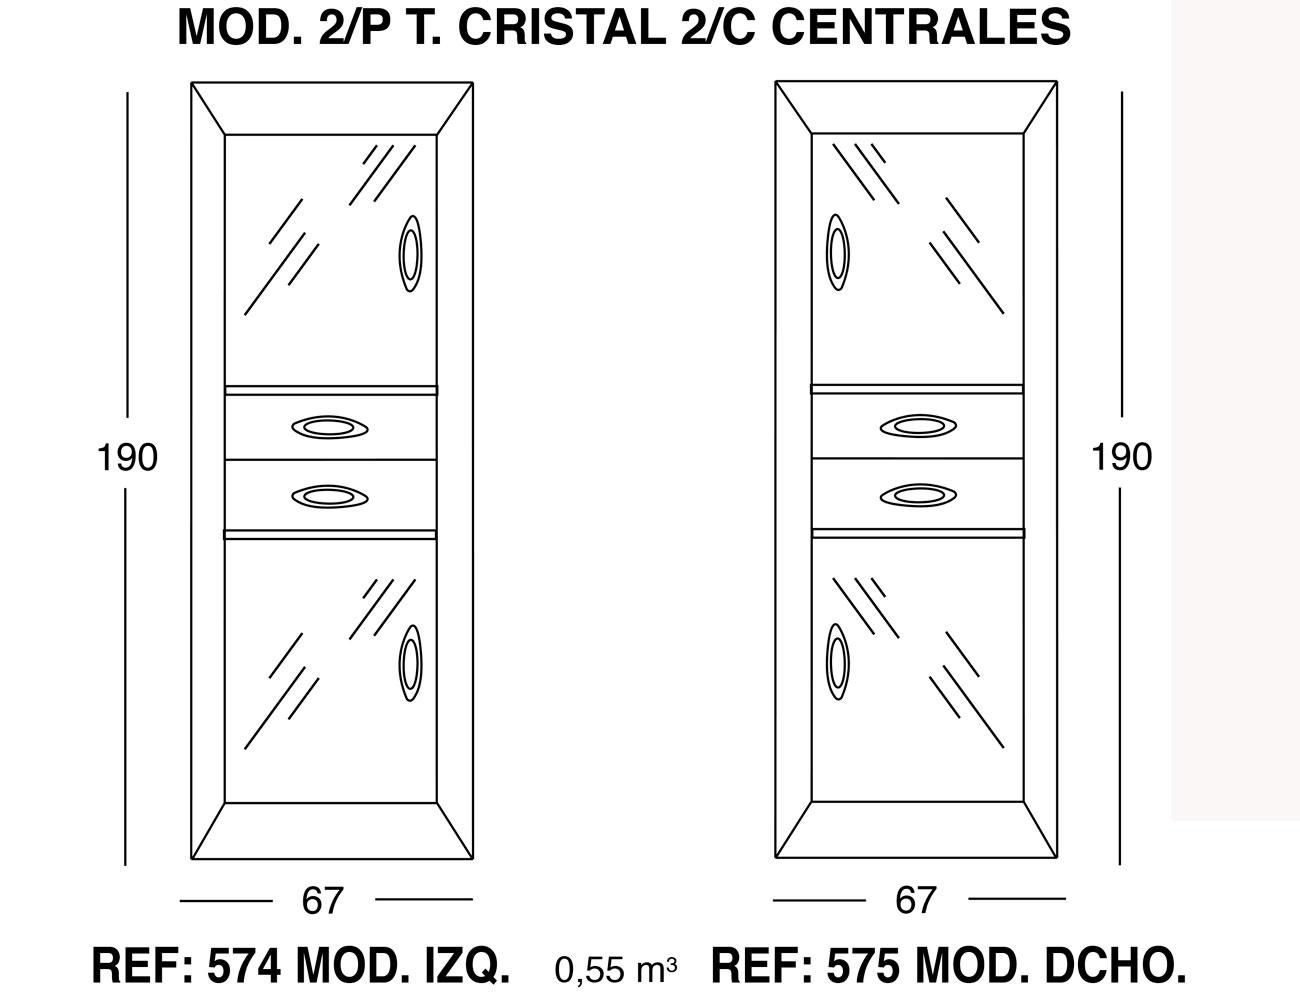 Modulo 2 puertas cristal 2 cajones centrales